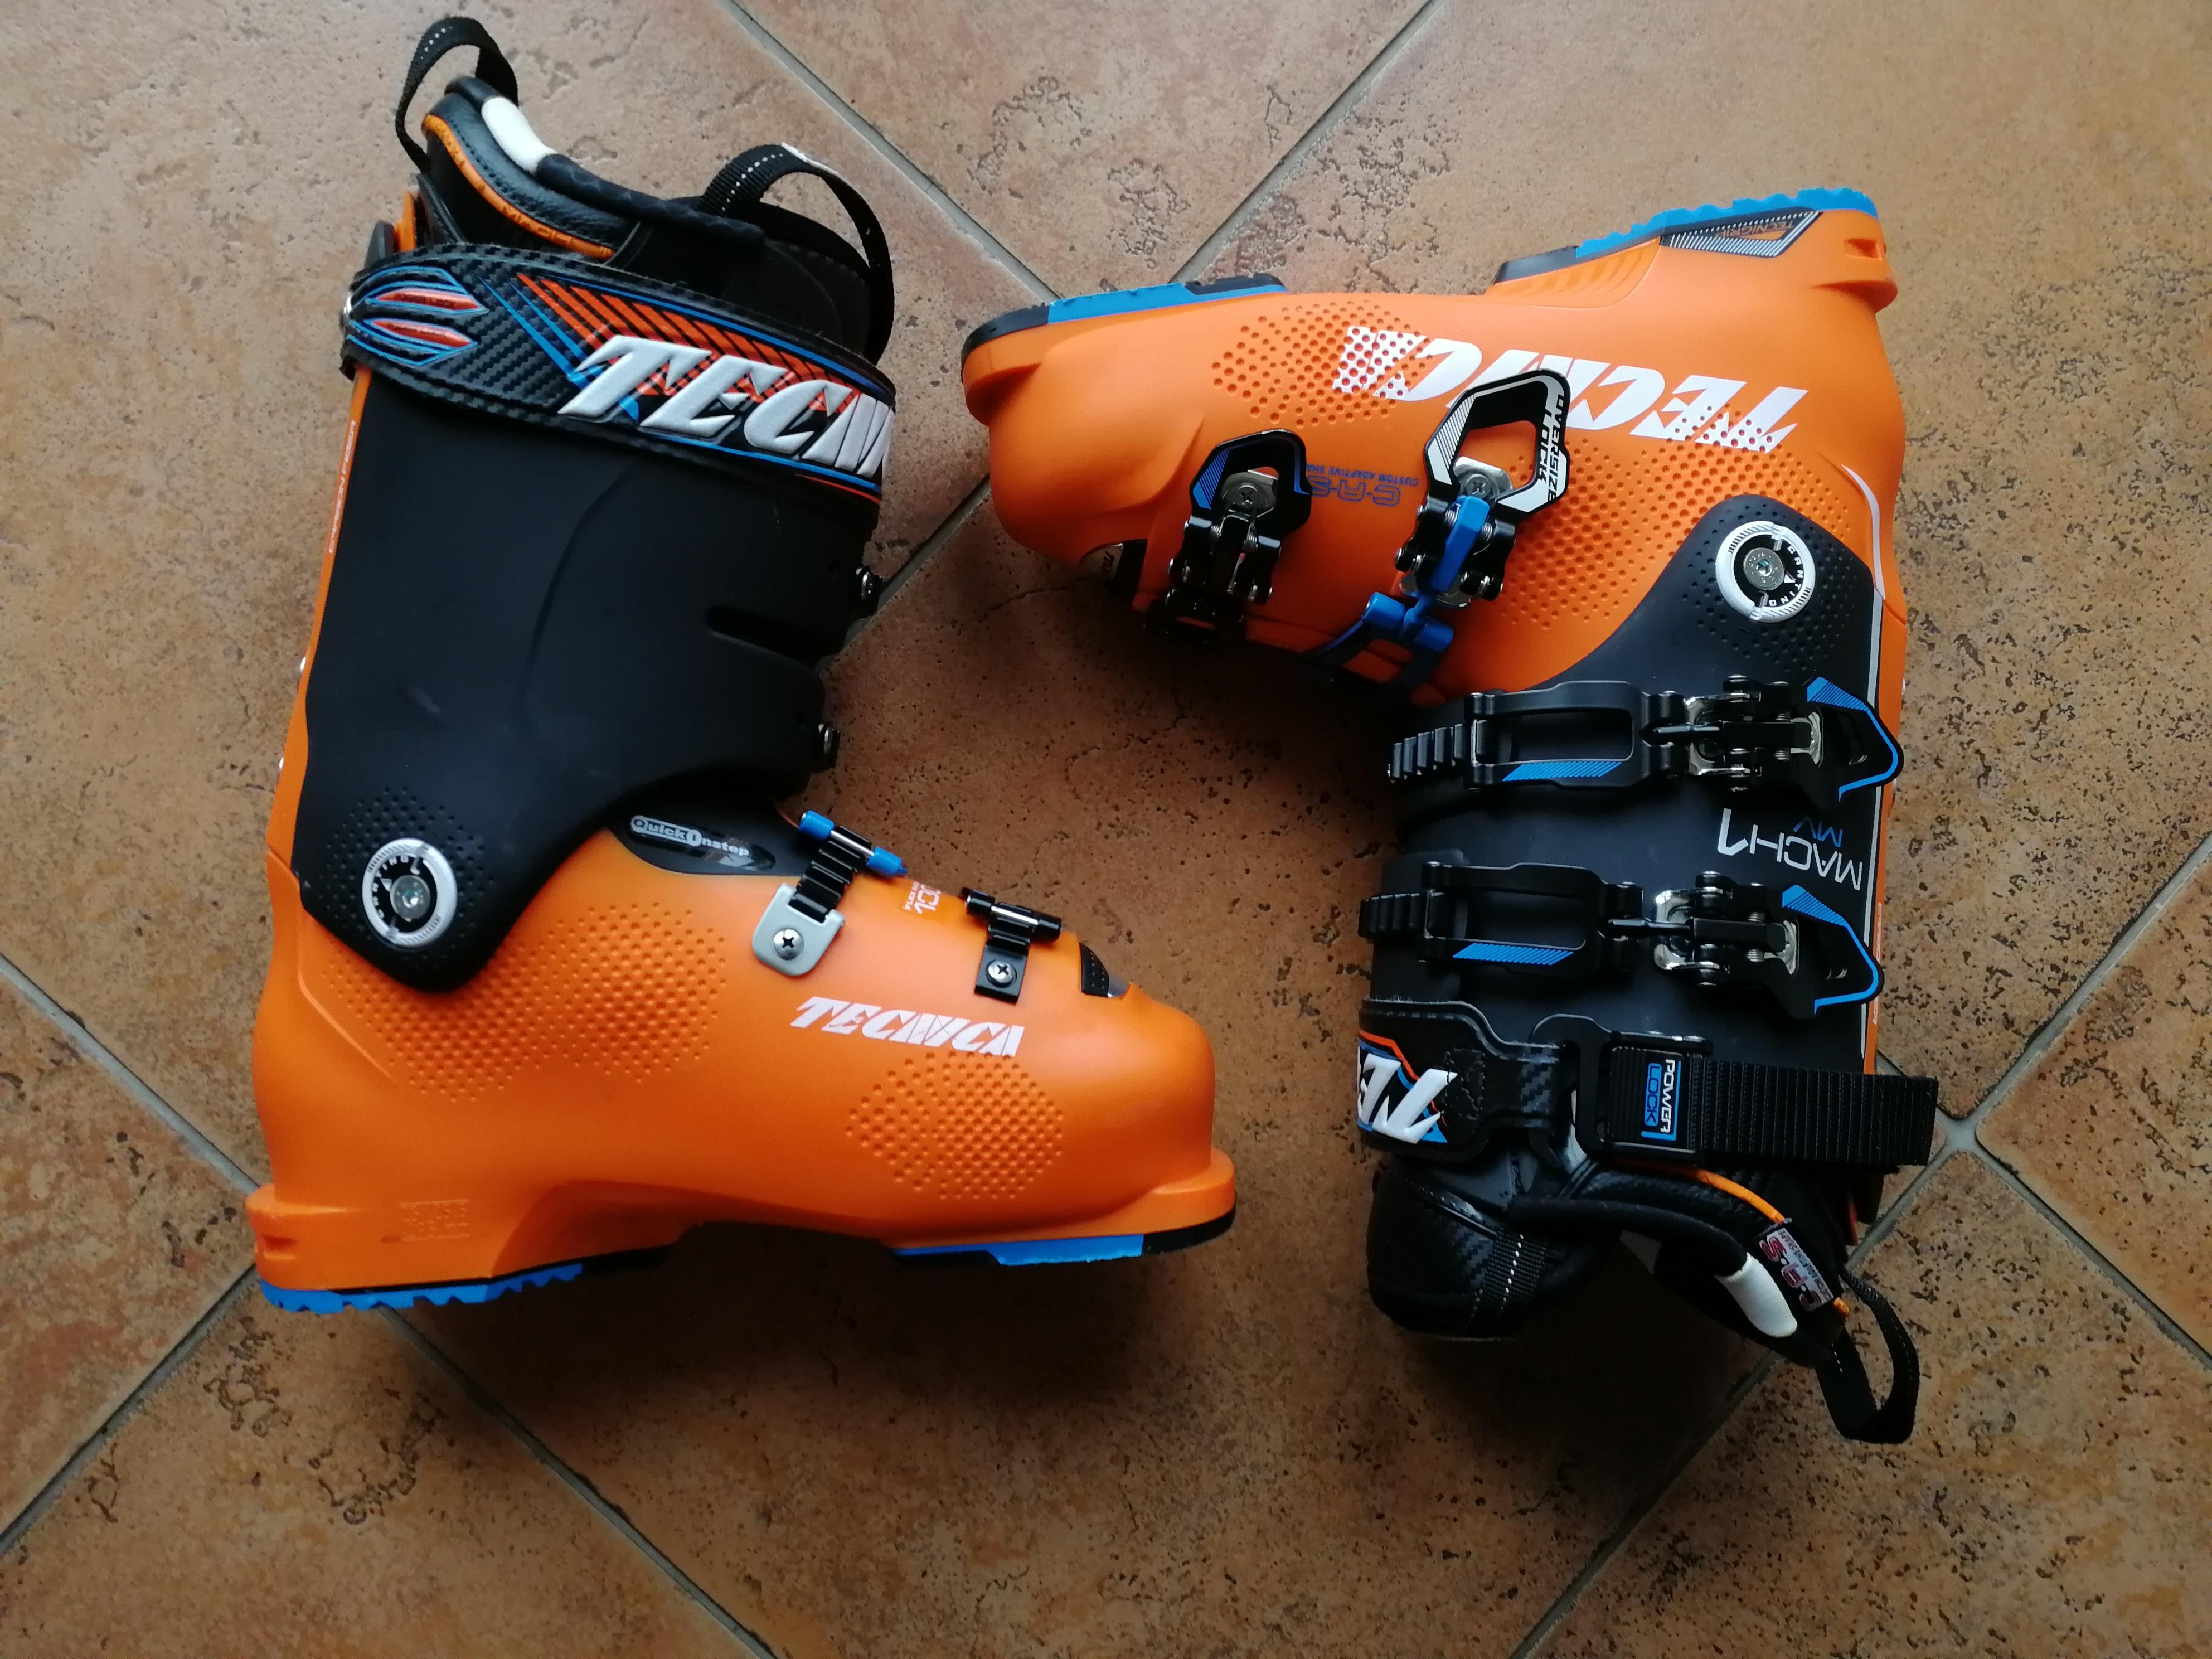 Lyžařské boty Tecnica Mach1 MV - Bazar - SNOW.CZ 7836350206